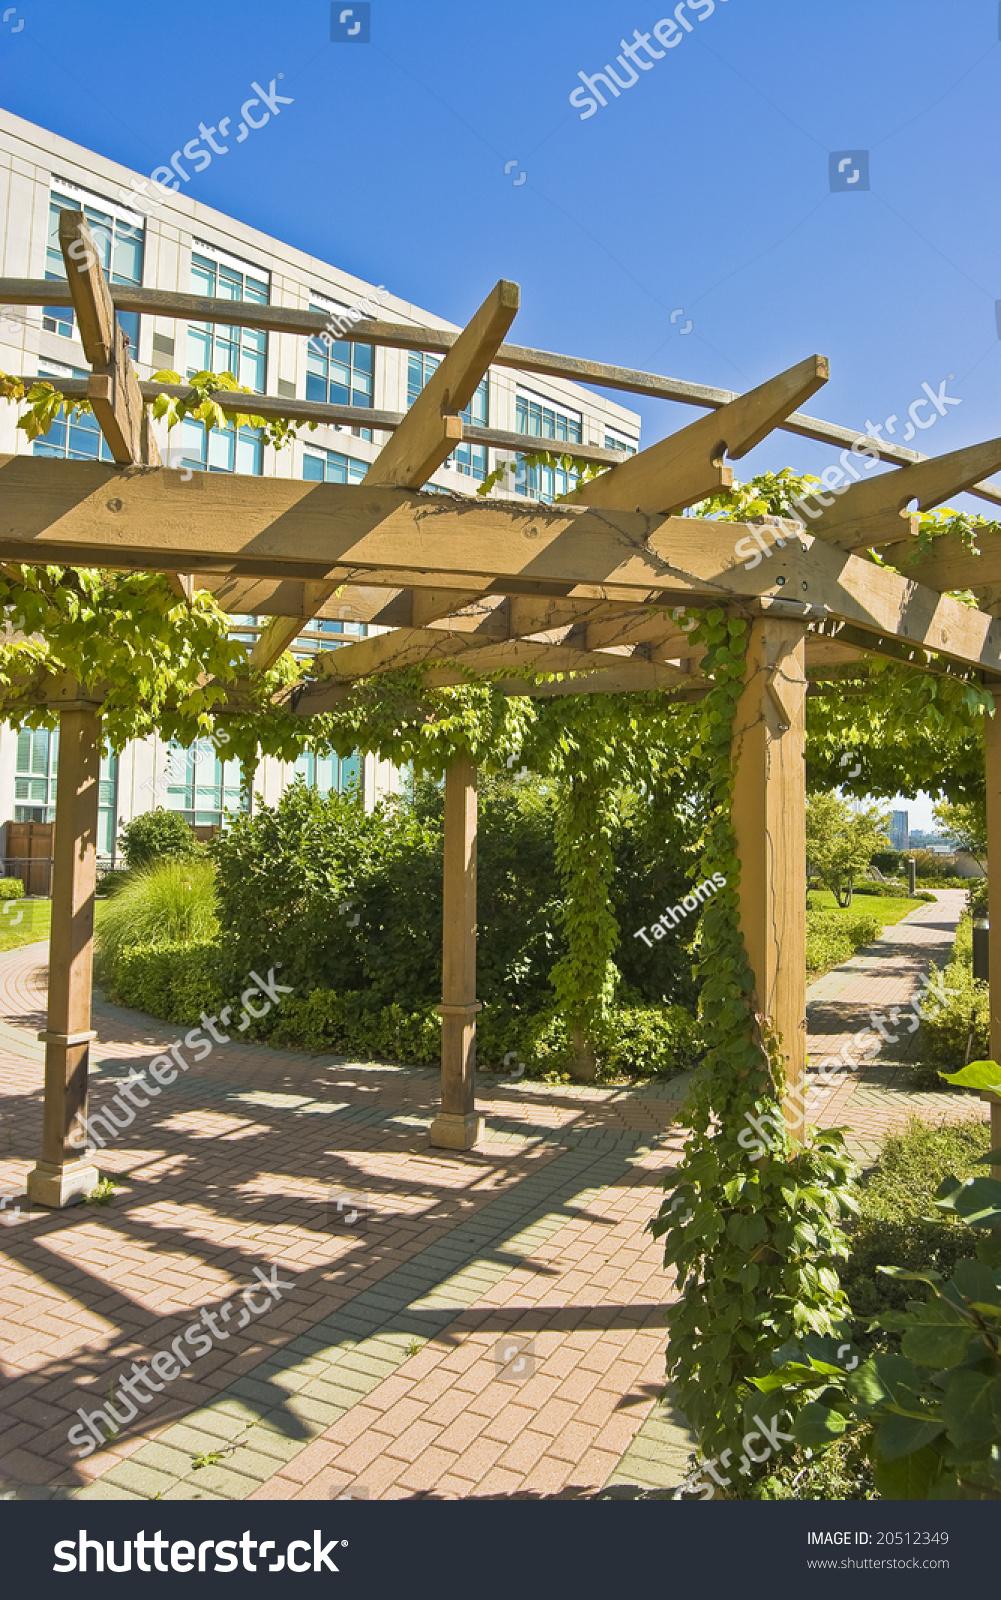 Roof top garden pergola